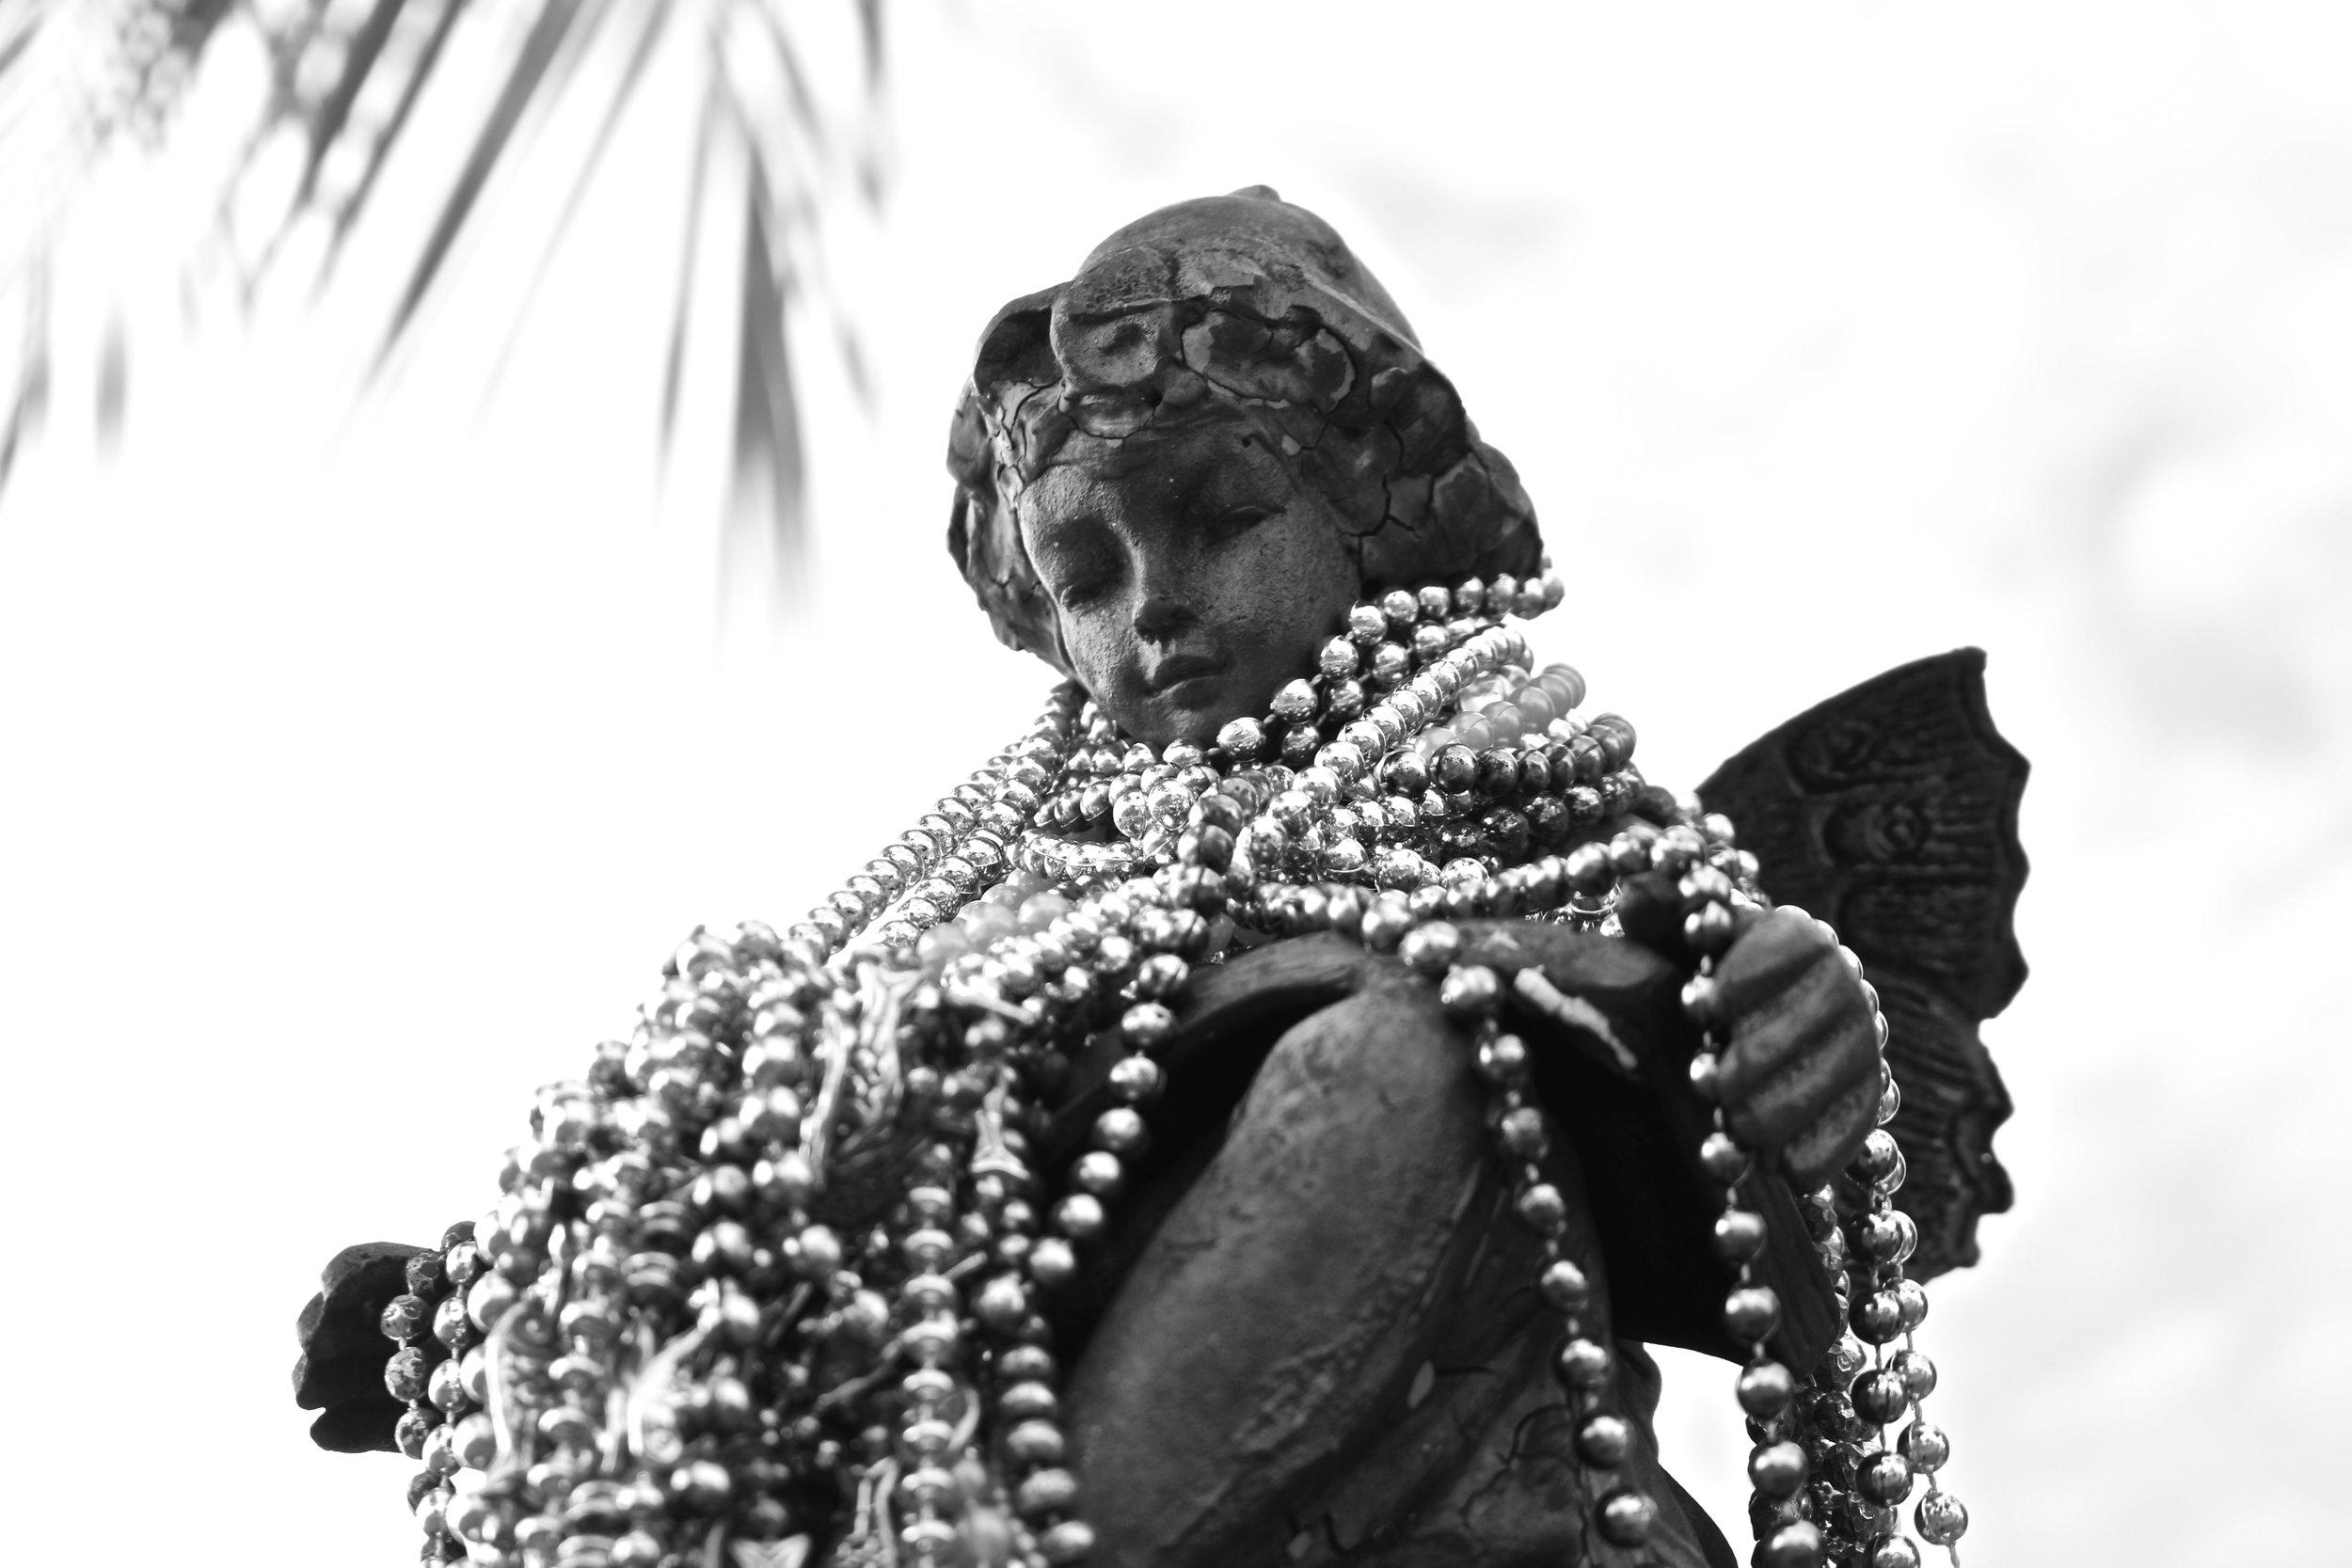 Captain Outrageous headstone, Key West, FL.